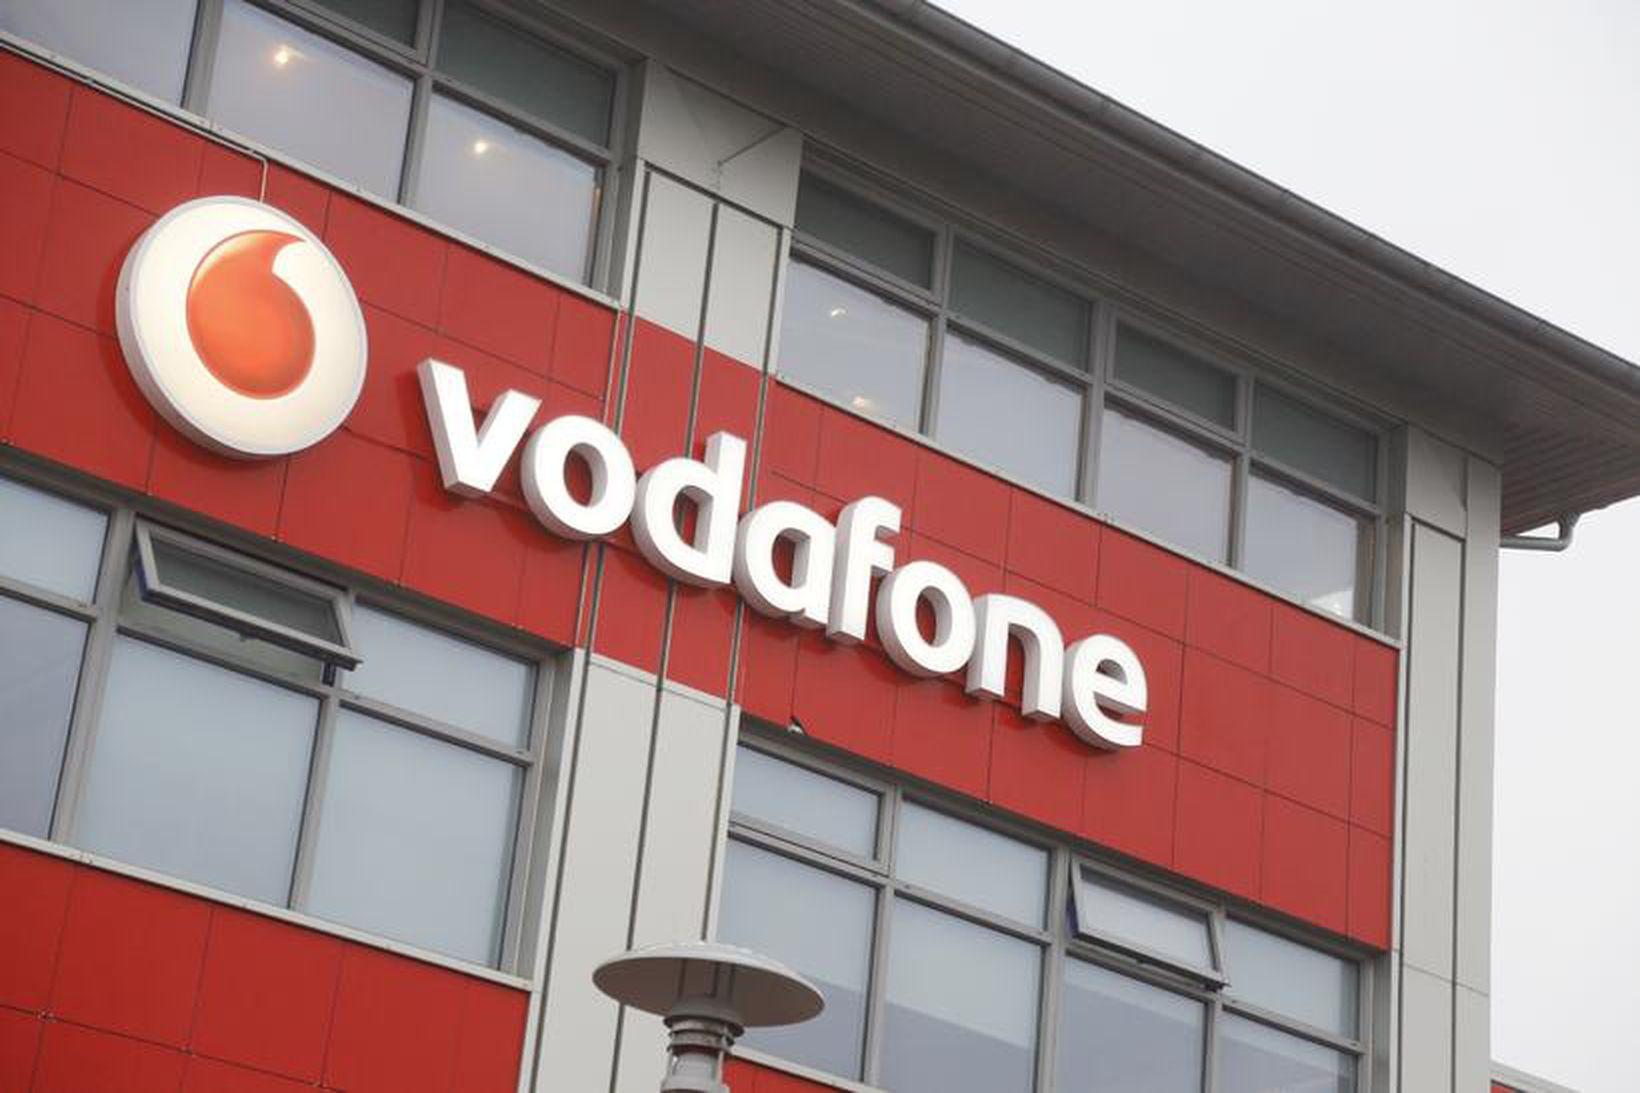 Vodafone biður alla sem málið snertir afsökunar.